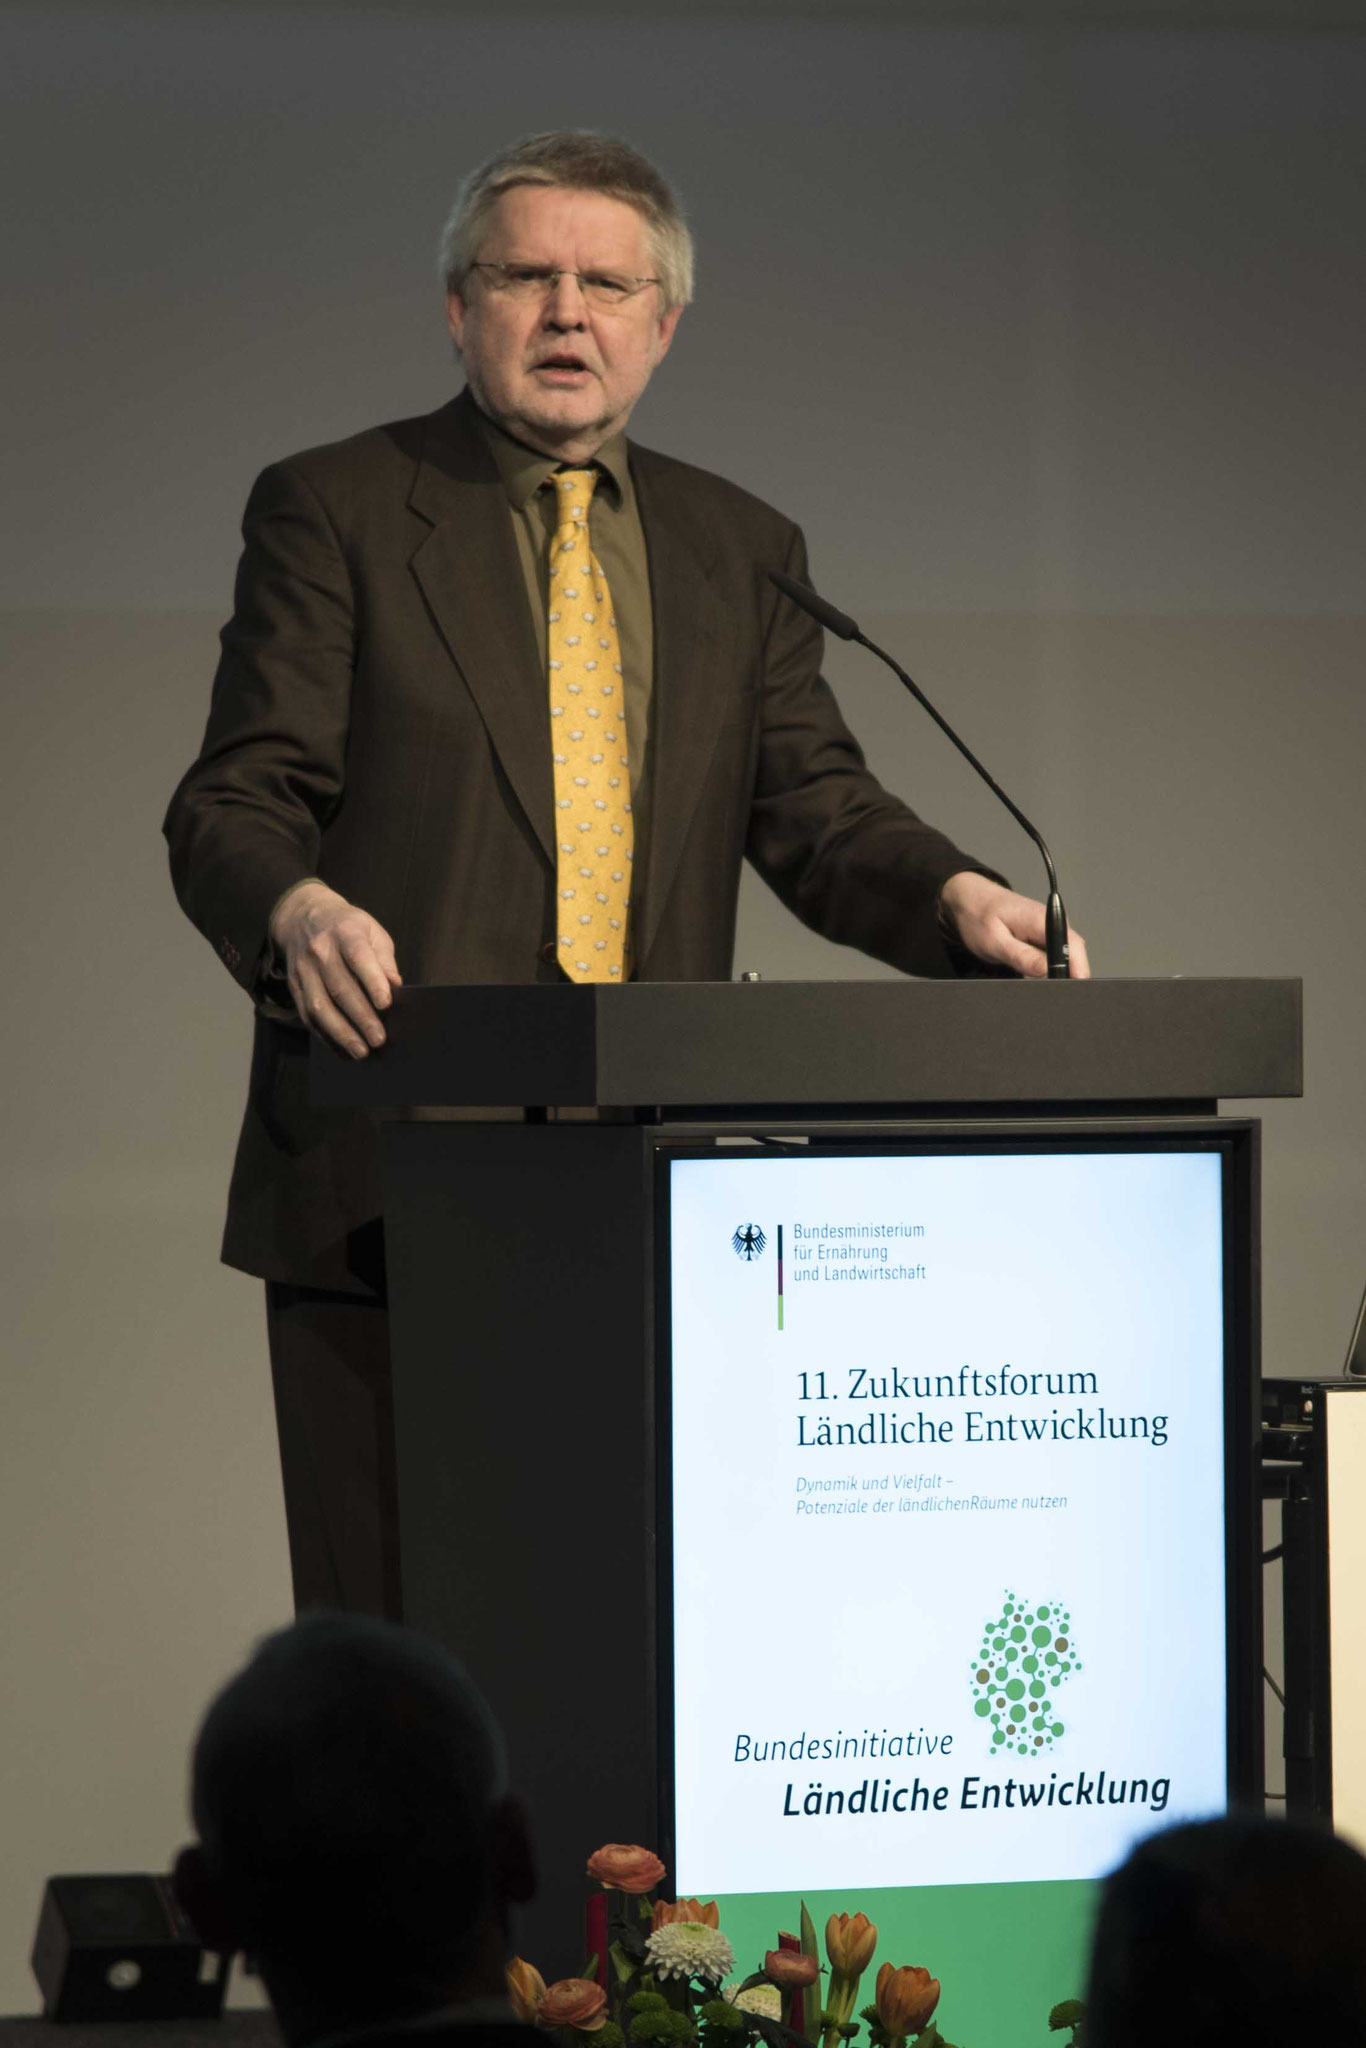 EröffnungsvortragProf. Dr. Hans-Günter Henneke, Geschäftsführendes Präsidialmitglied des Deutschen Landkreistages und Vorsitzender des Sachverständigenrats Ländliche Entwicklung (SRLE)